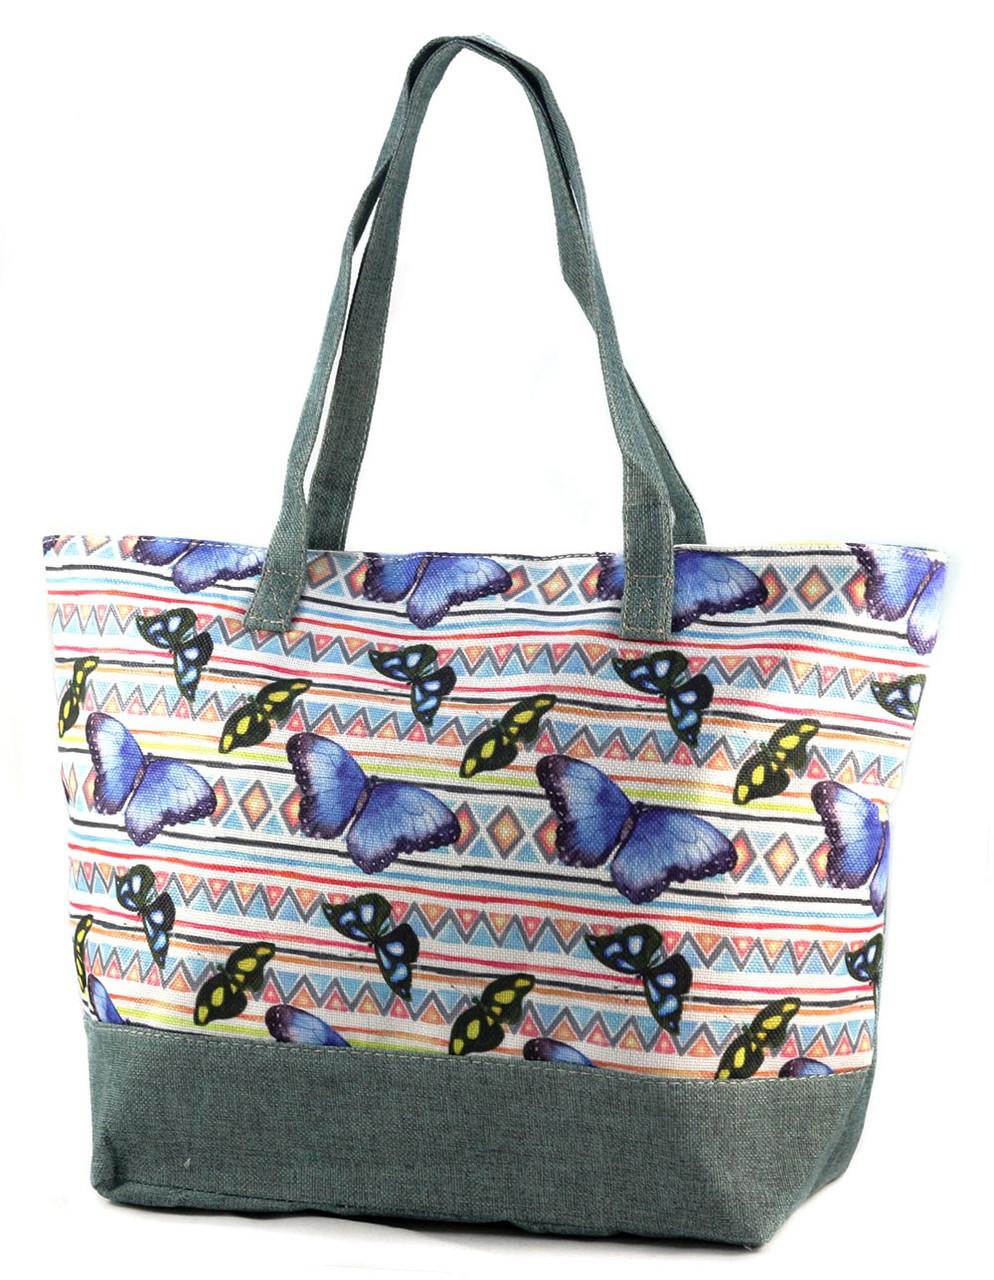 1d82fd0b52cd Летняя тканевая сумка с принтом 99-6-3 - Arion-store - кожгалантерея